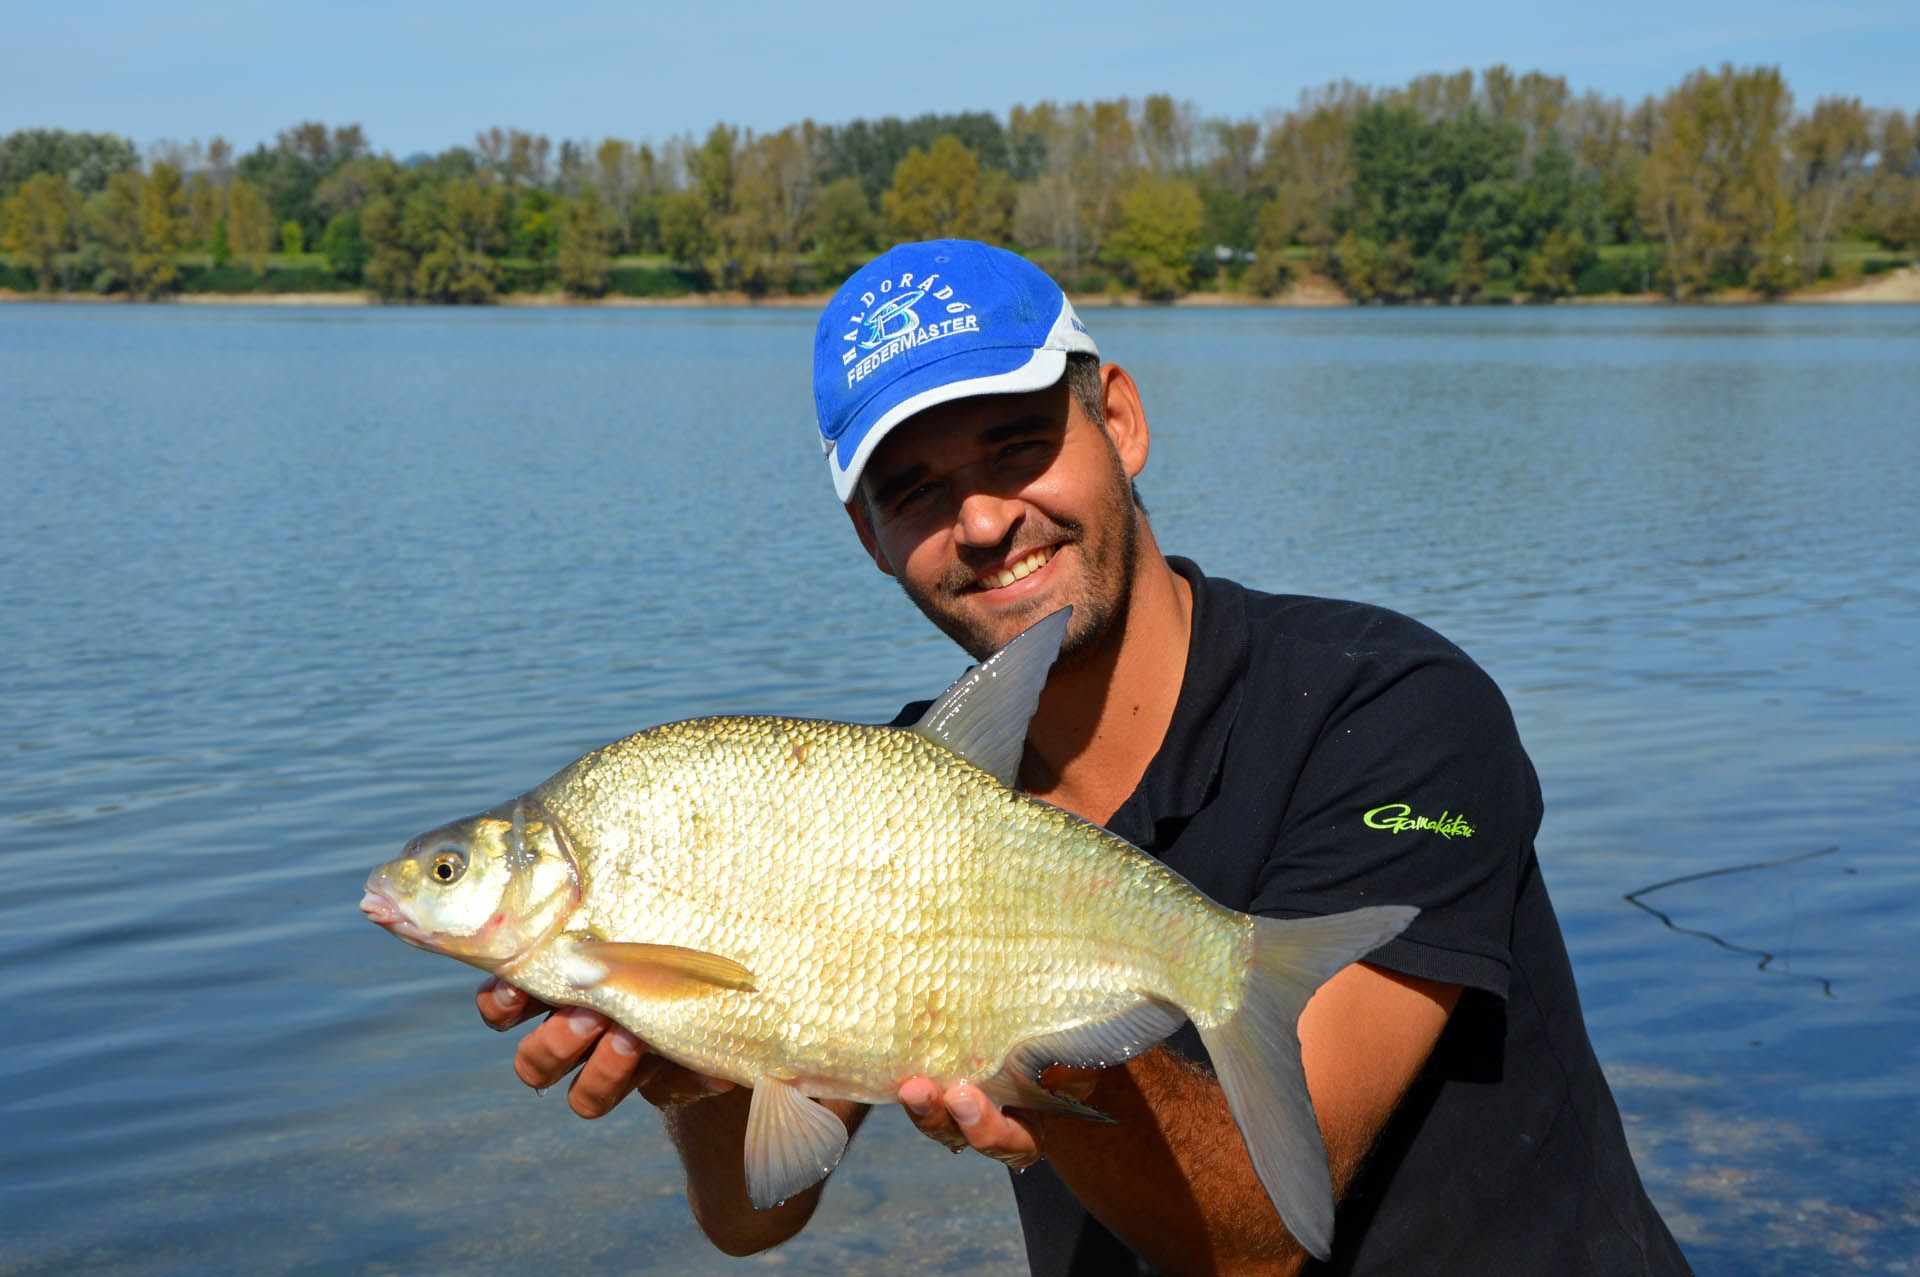 Ponty, amur, busa, nagy keszegek, ilyen halakat fognak a helyiek a módszerükkel